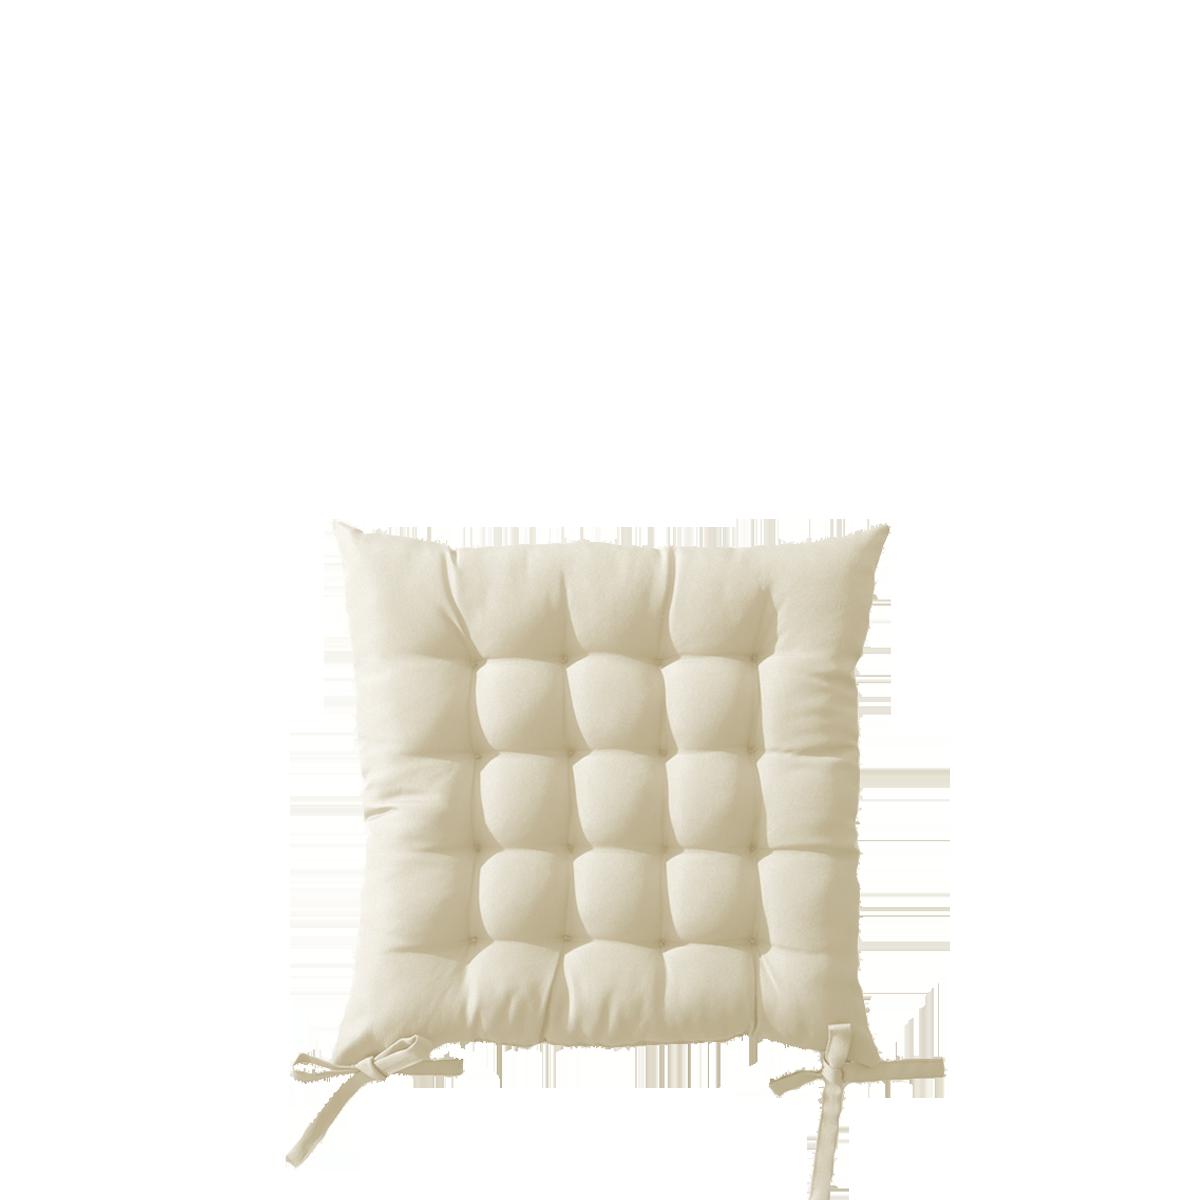 Sitzkissen für Outdoor-Klappstuhl, weiss